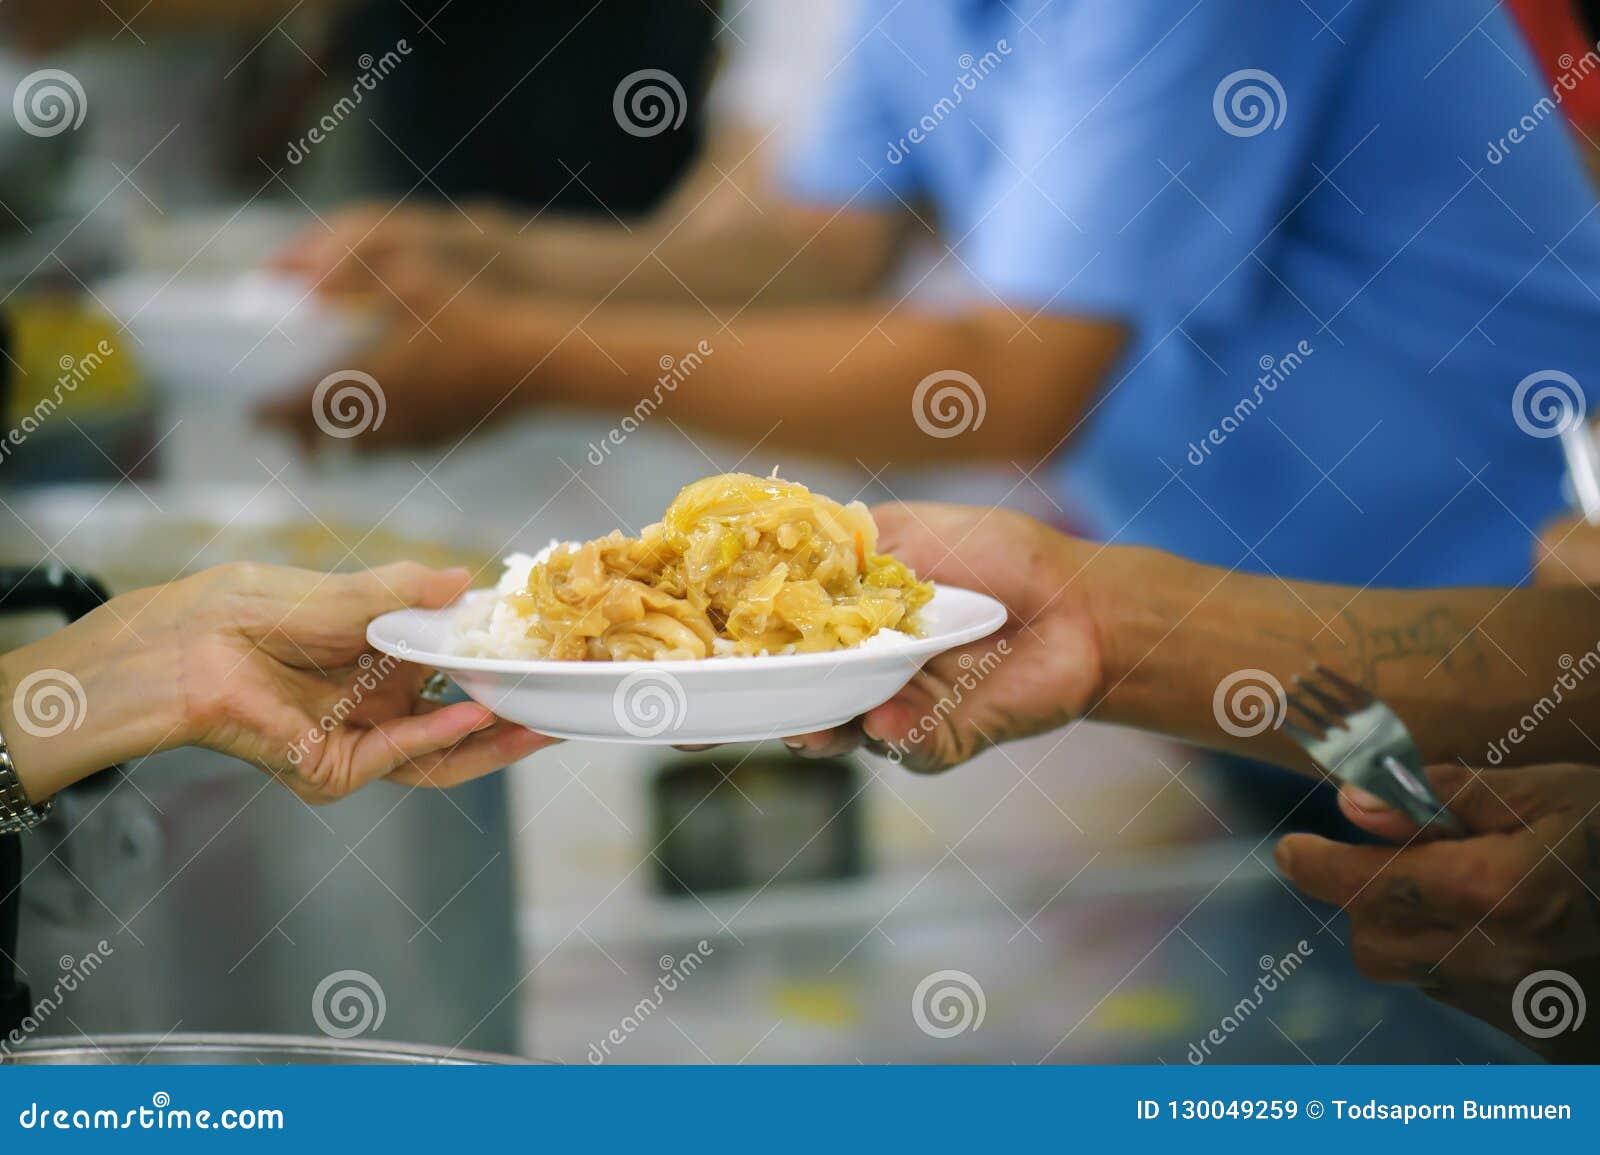 Nourriture de part de volontaires aux pauvres pour soulager la faim : Concept de charité